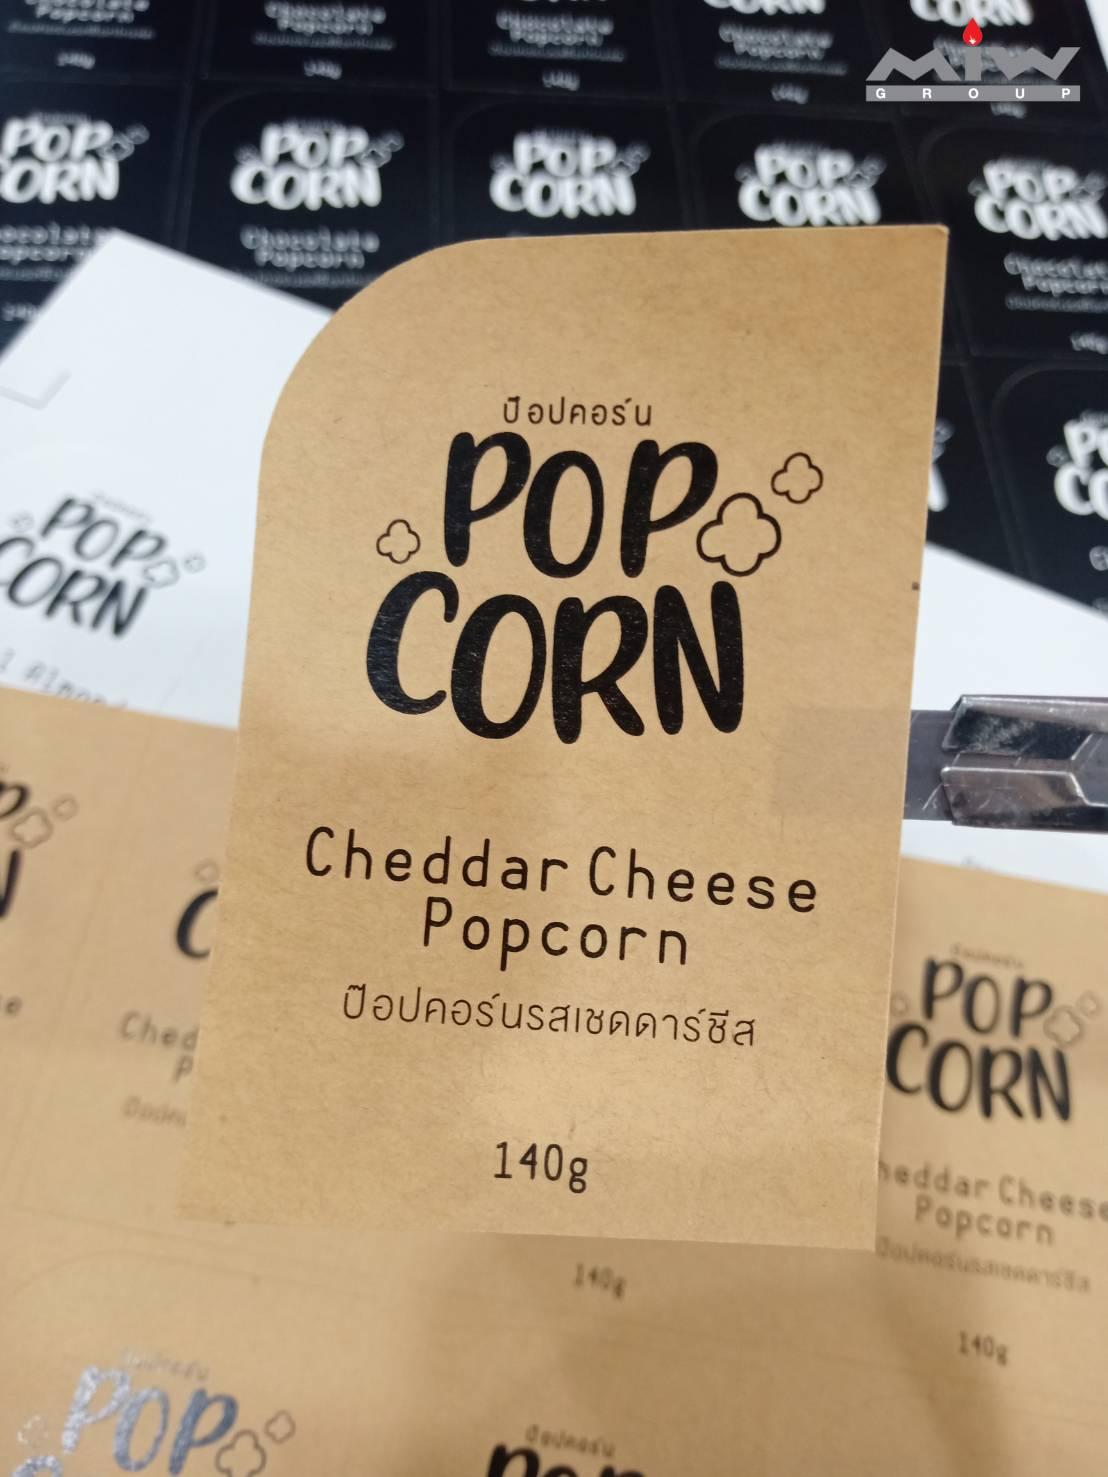 310180 - งานสติ๊กเกอร์ Pop Corn